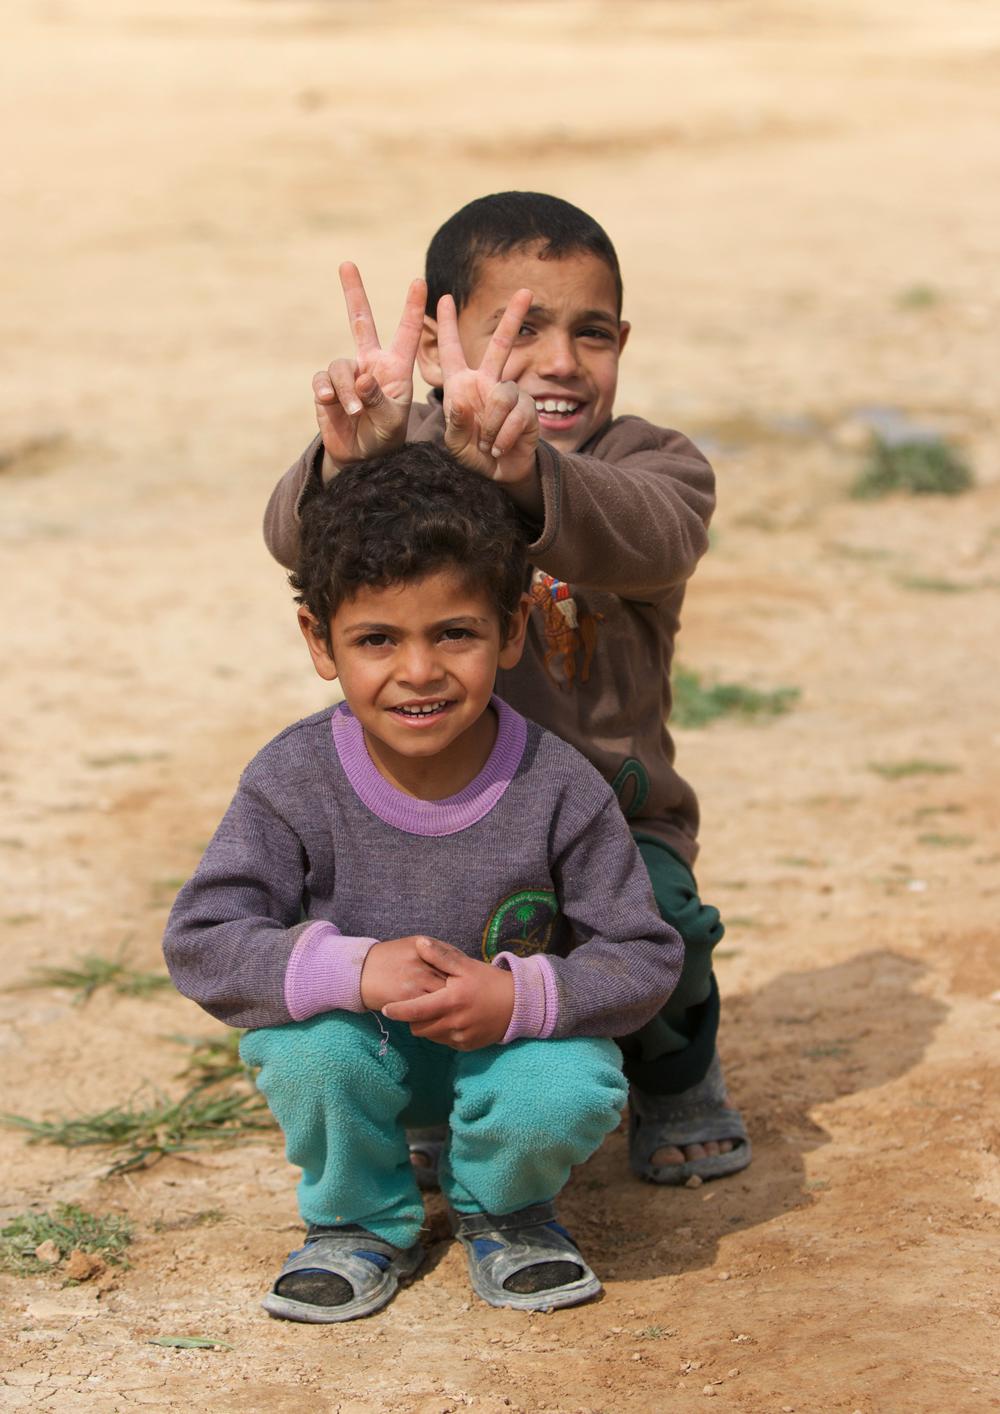 Syrian refugee children play